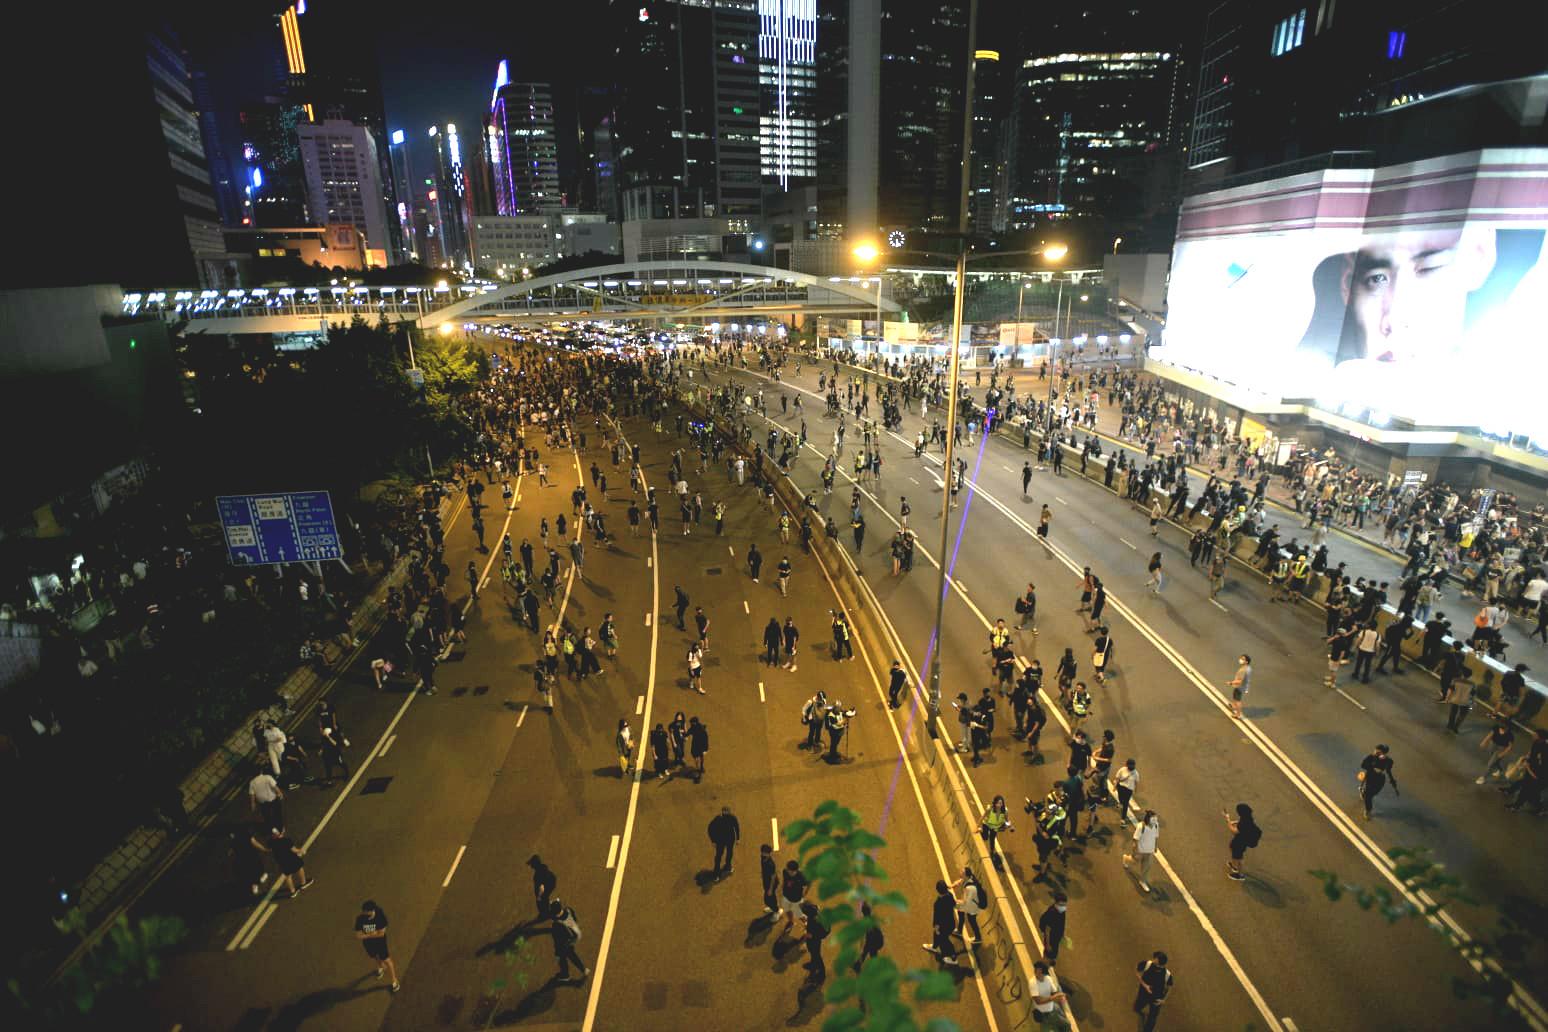 【修例風波】示威者佔據金鐘灣仔多段馬路 交通受阻改道